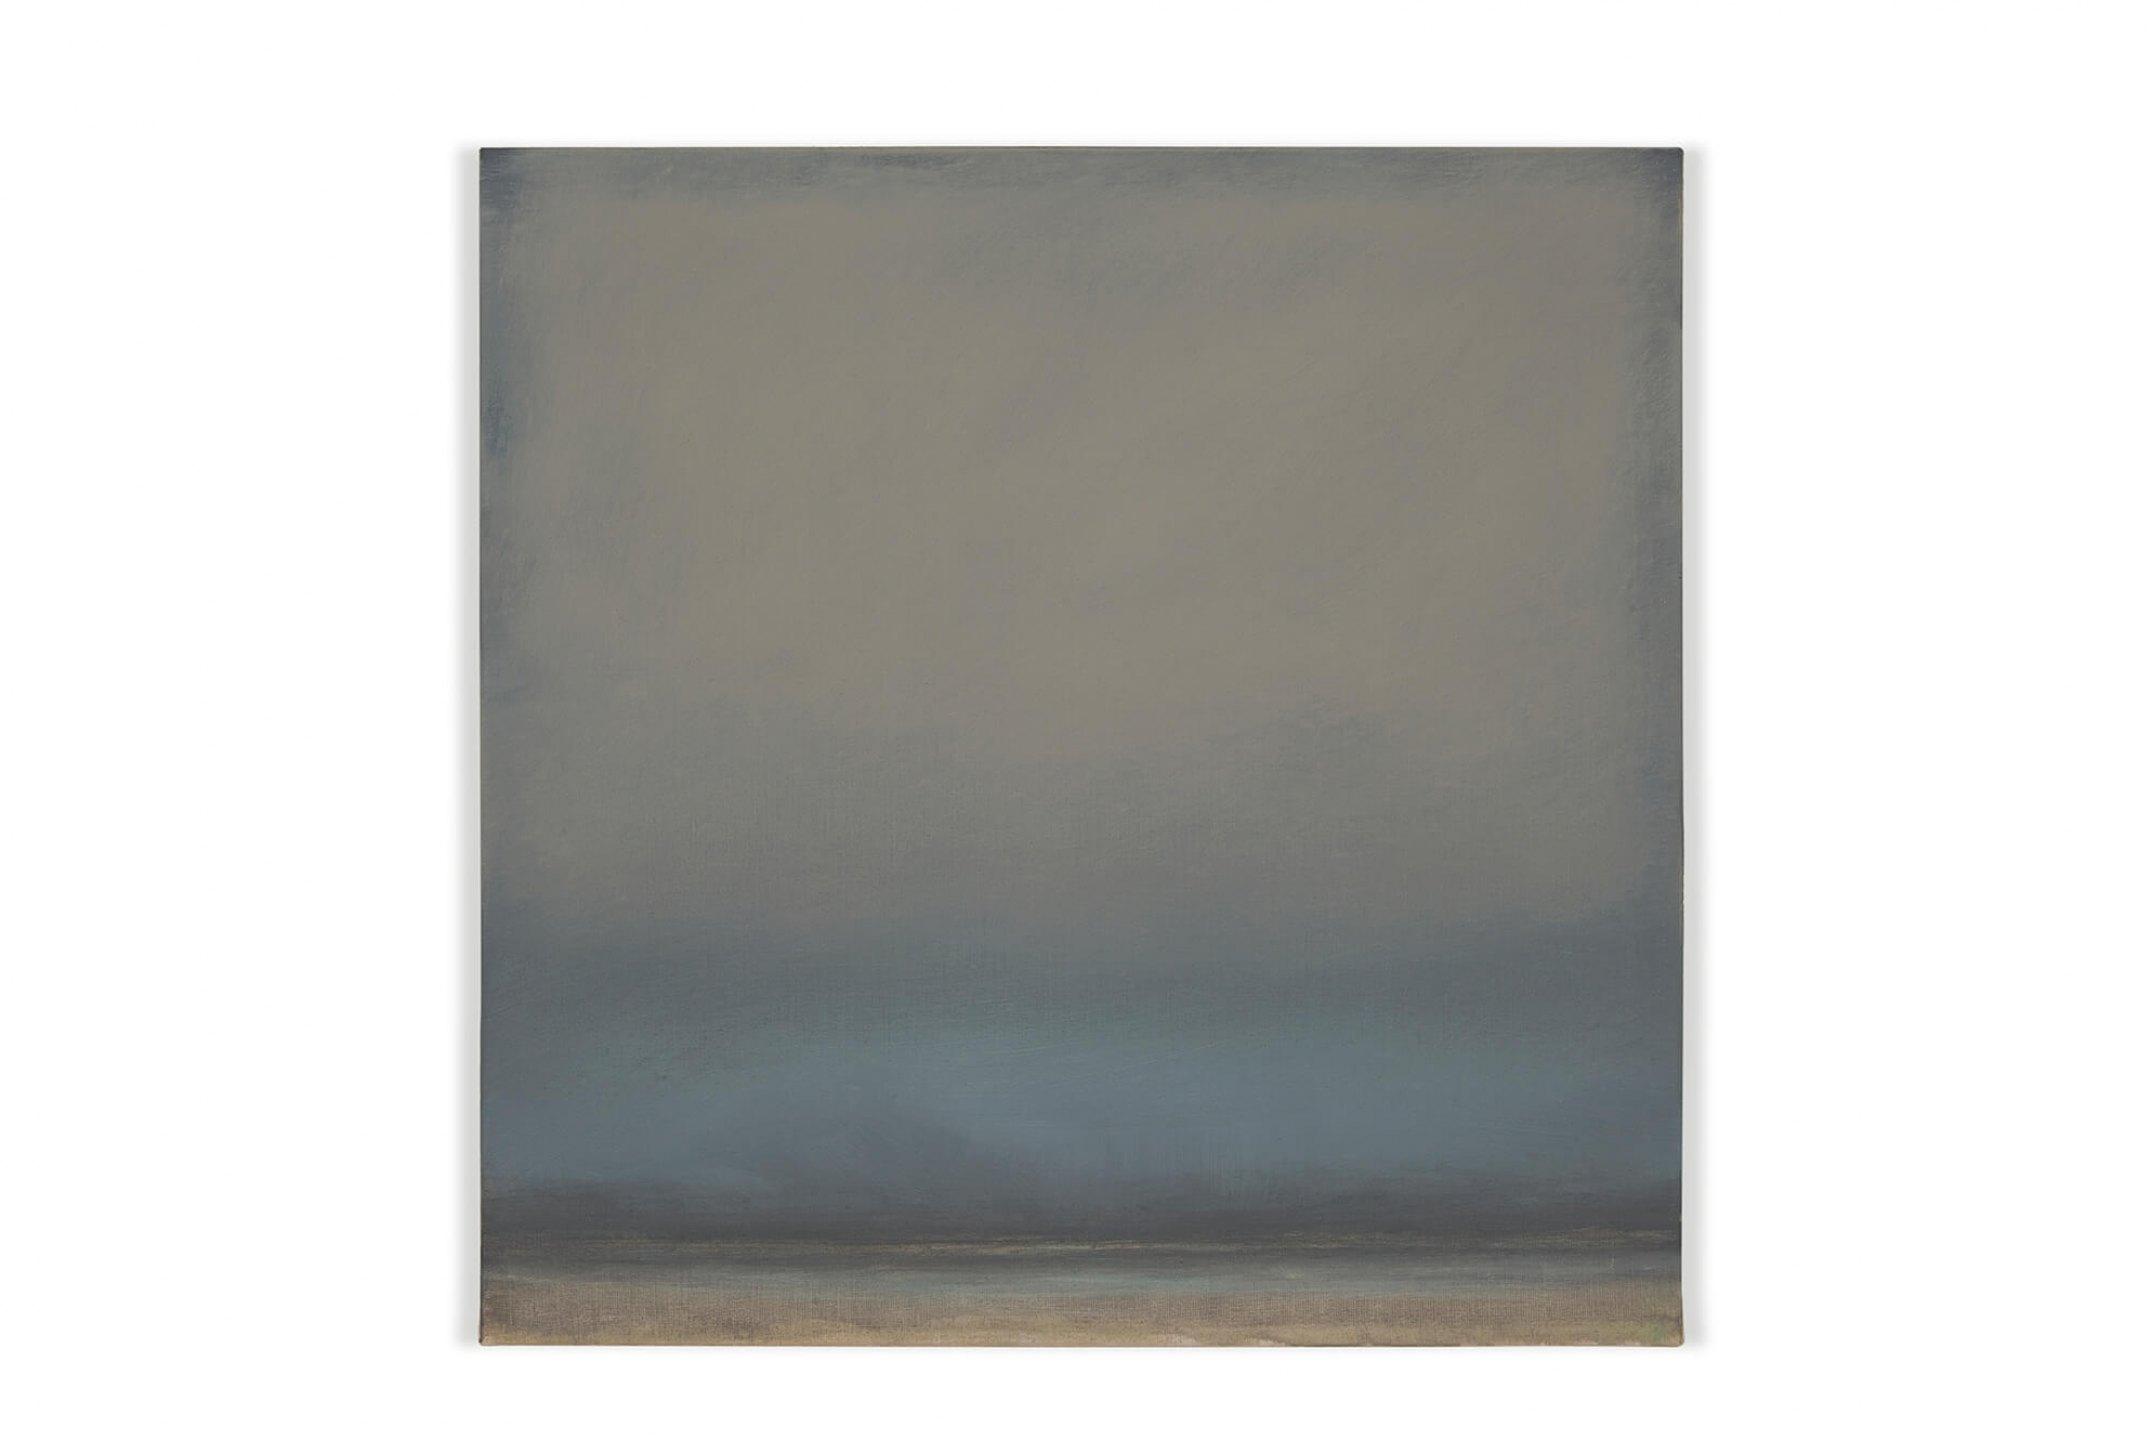 Lucas Arruda, <em>untitled</em>, 2013, oil on canvas, 50 × 50 cm - Mendes Wood DM